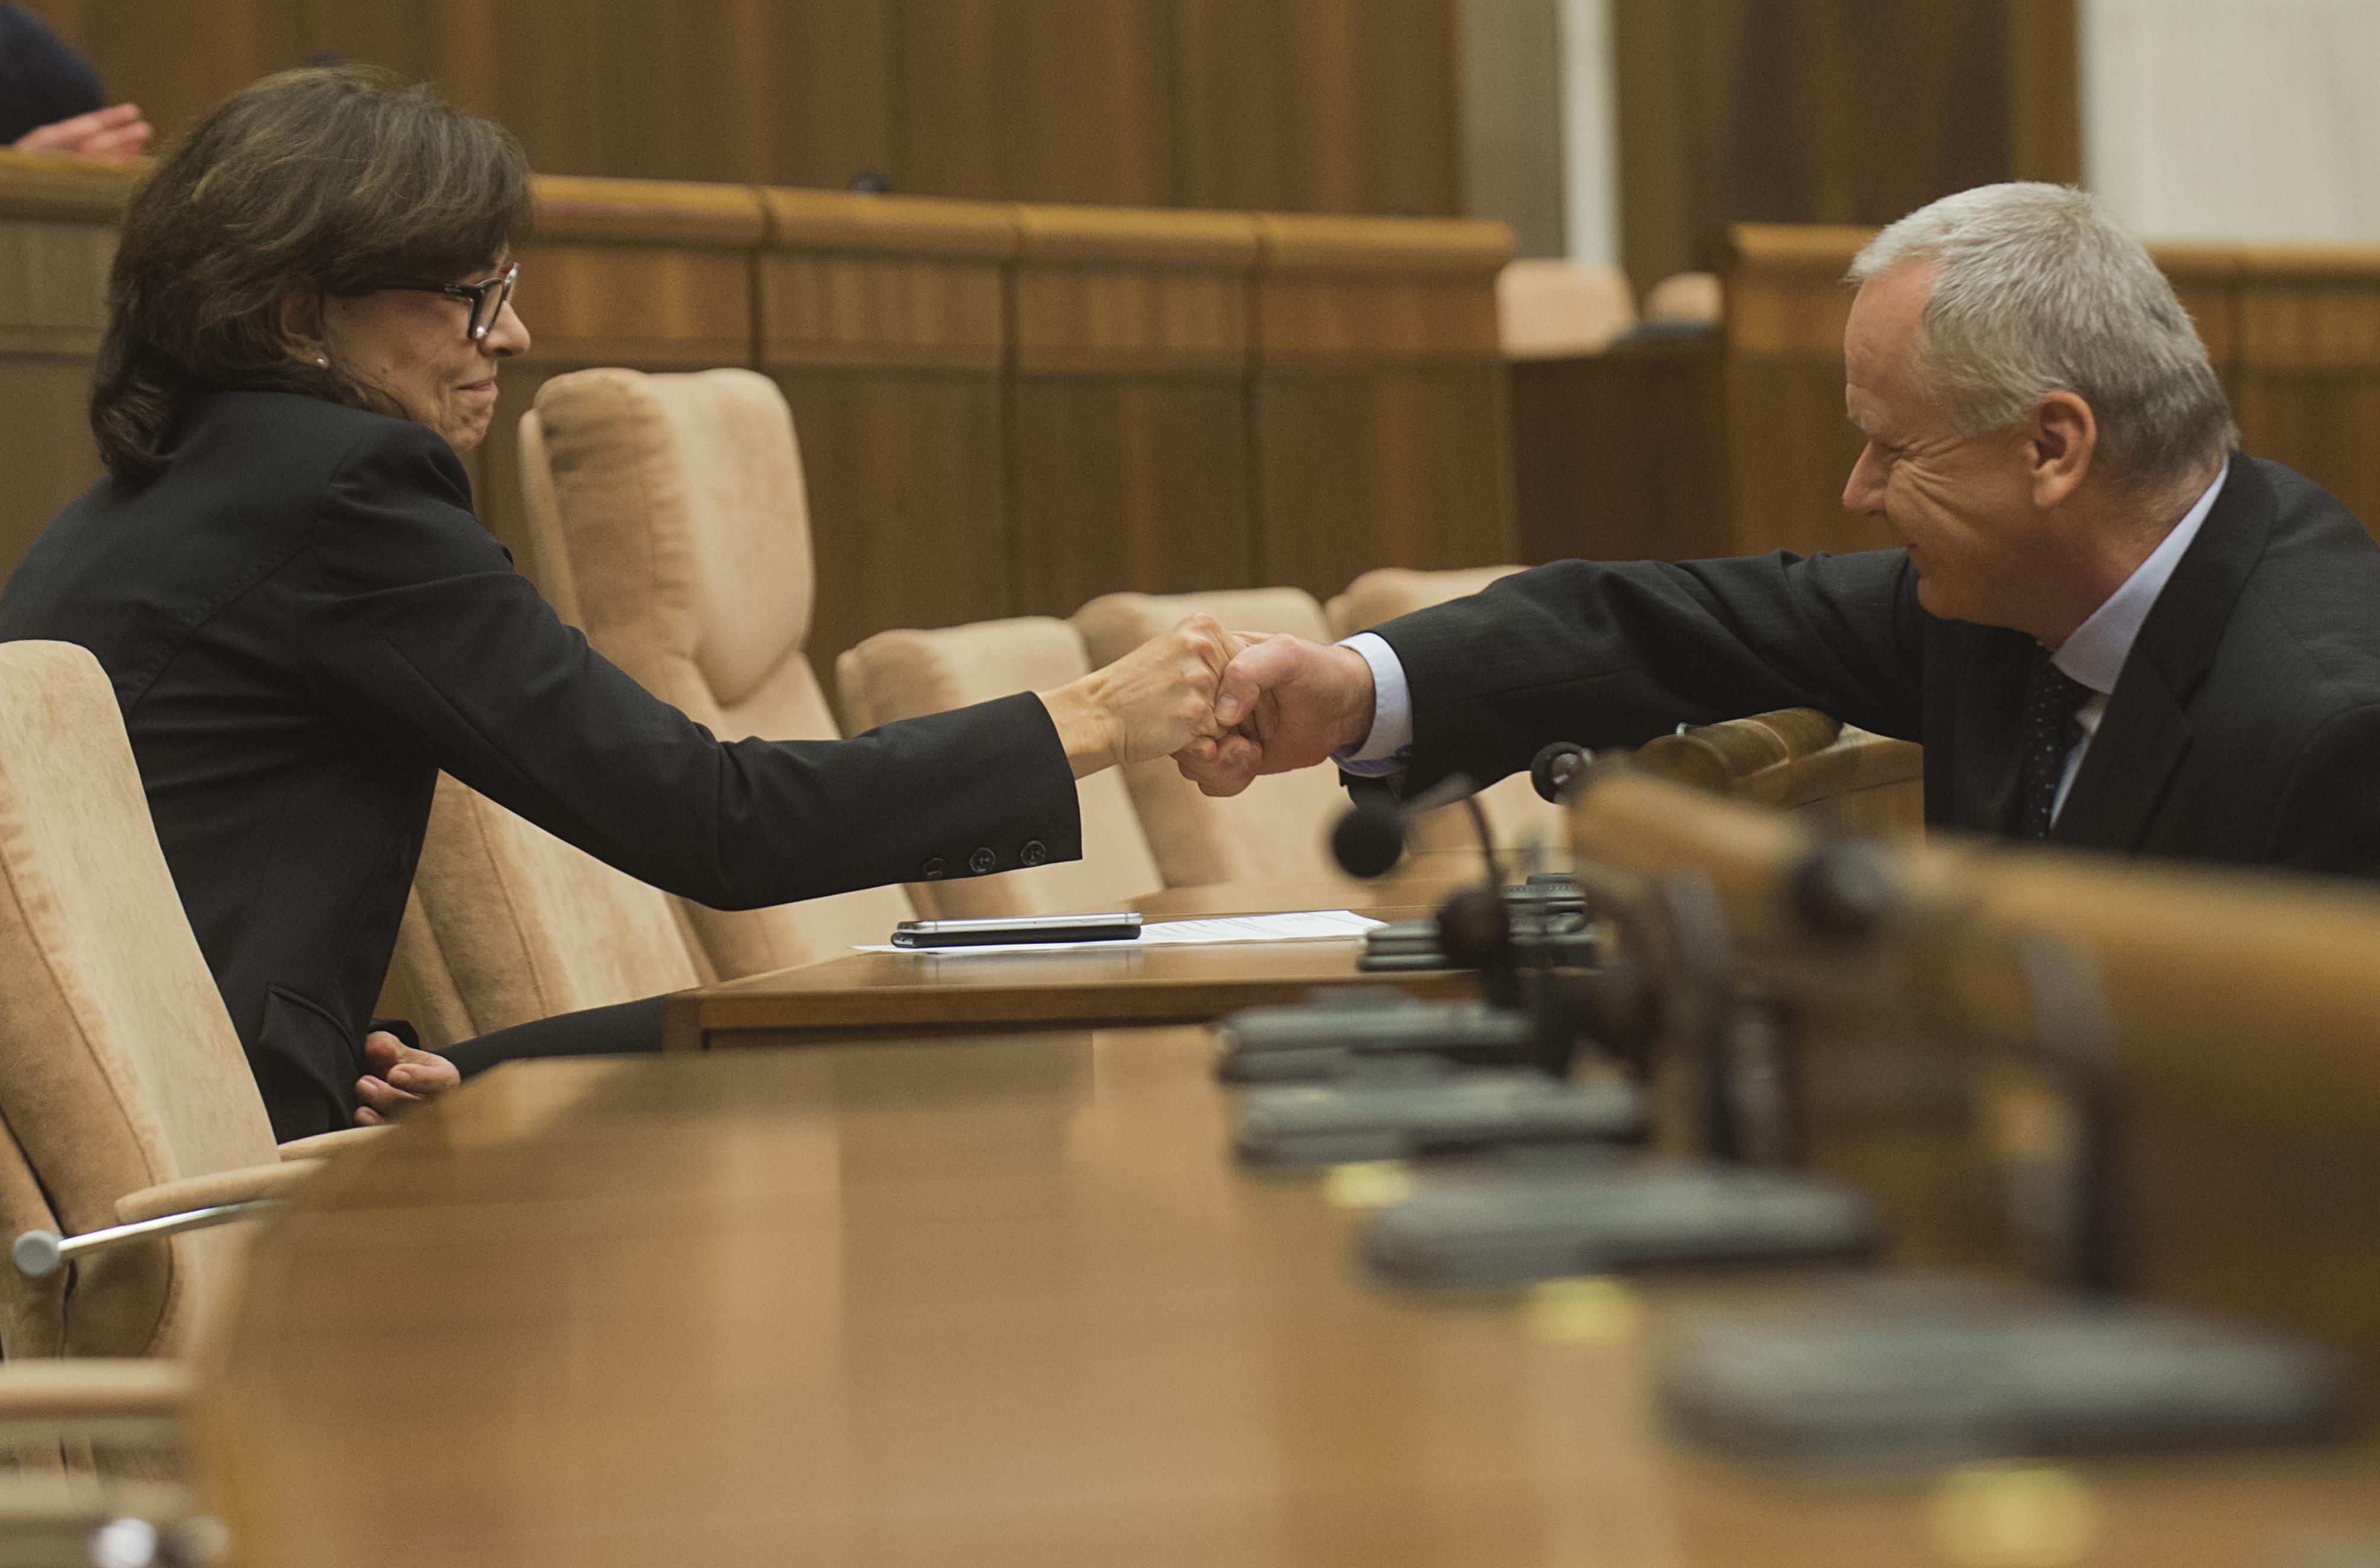 Ministerka spravodlivosti Lucia ŽŽitňanská si podáva ruku s poslancom Petrom Kresákom po hlasovaní o protischránkovom zákone. FOTO TASR - Martin Baumann